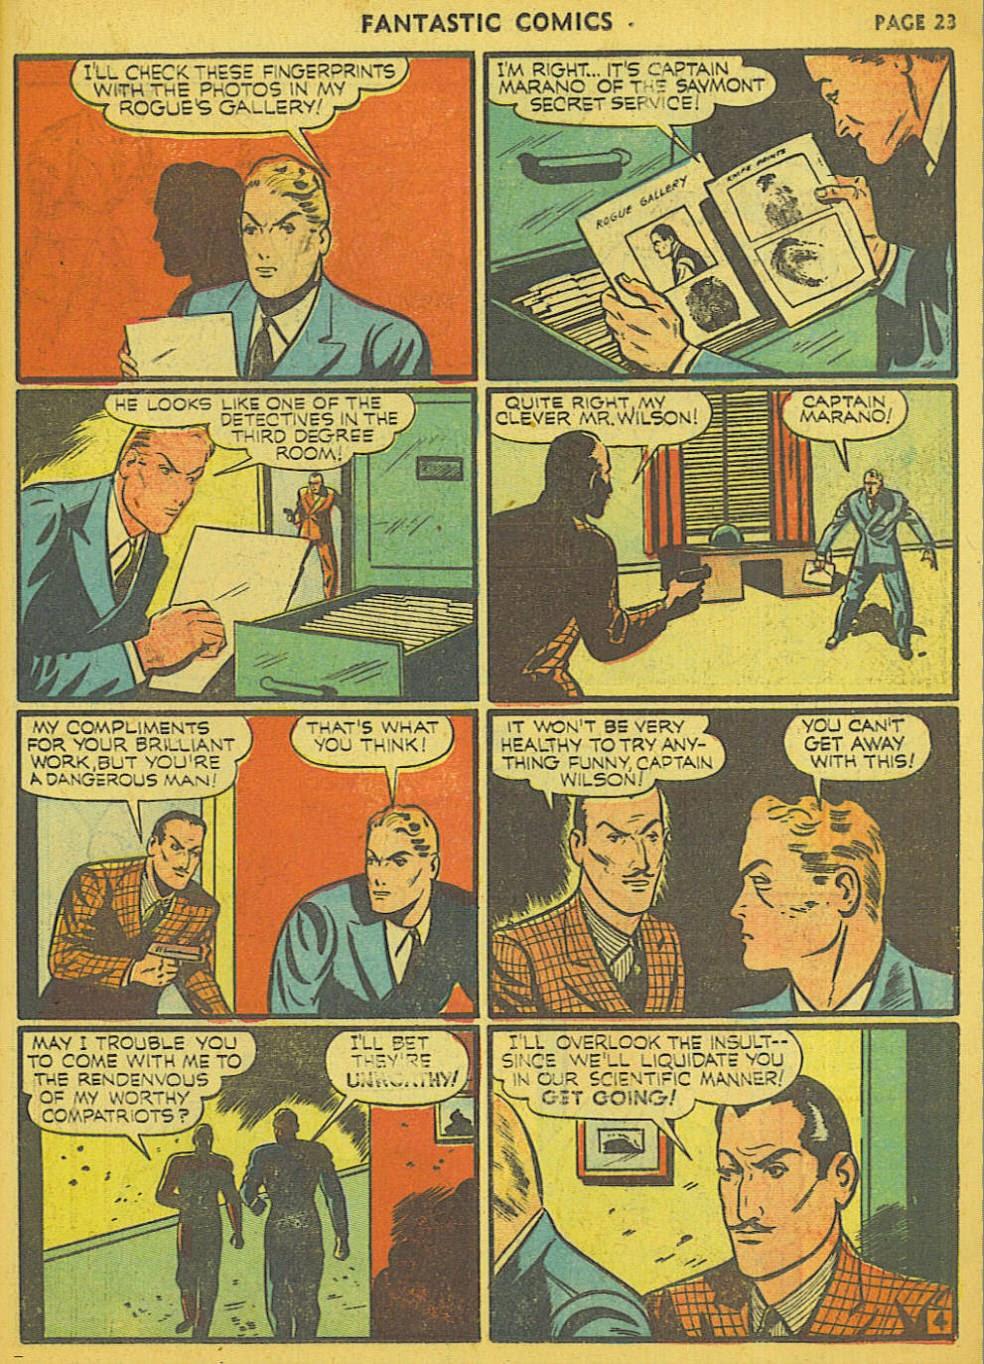 Read online Fantastic Comics comic -  Issue #15 - 17